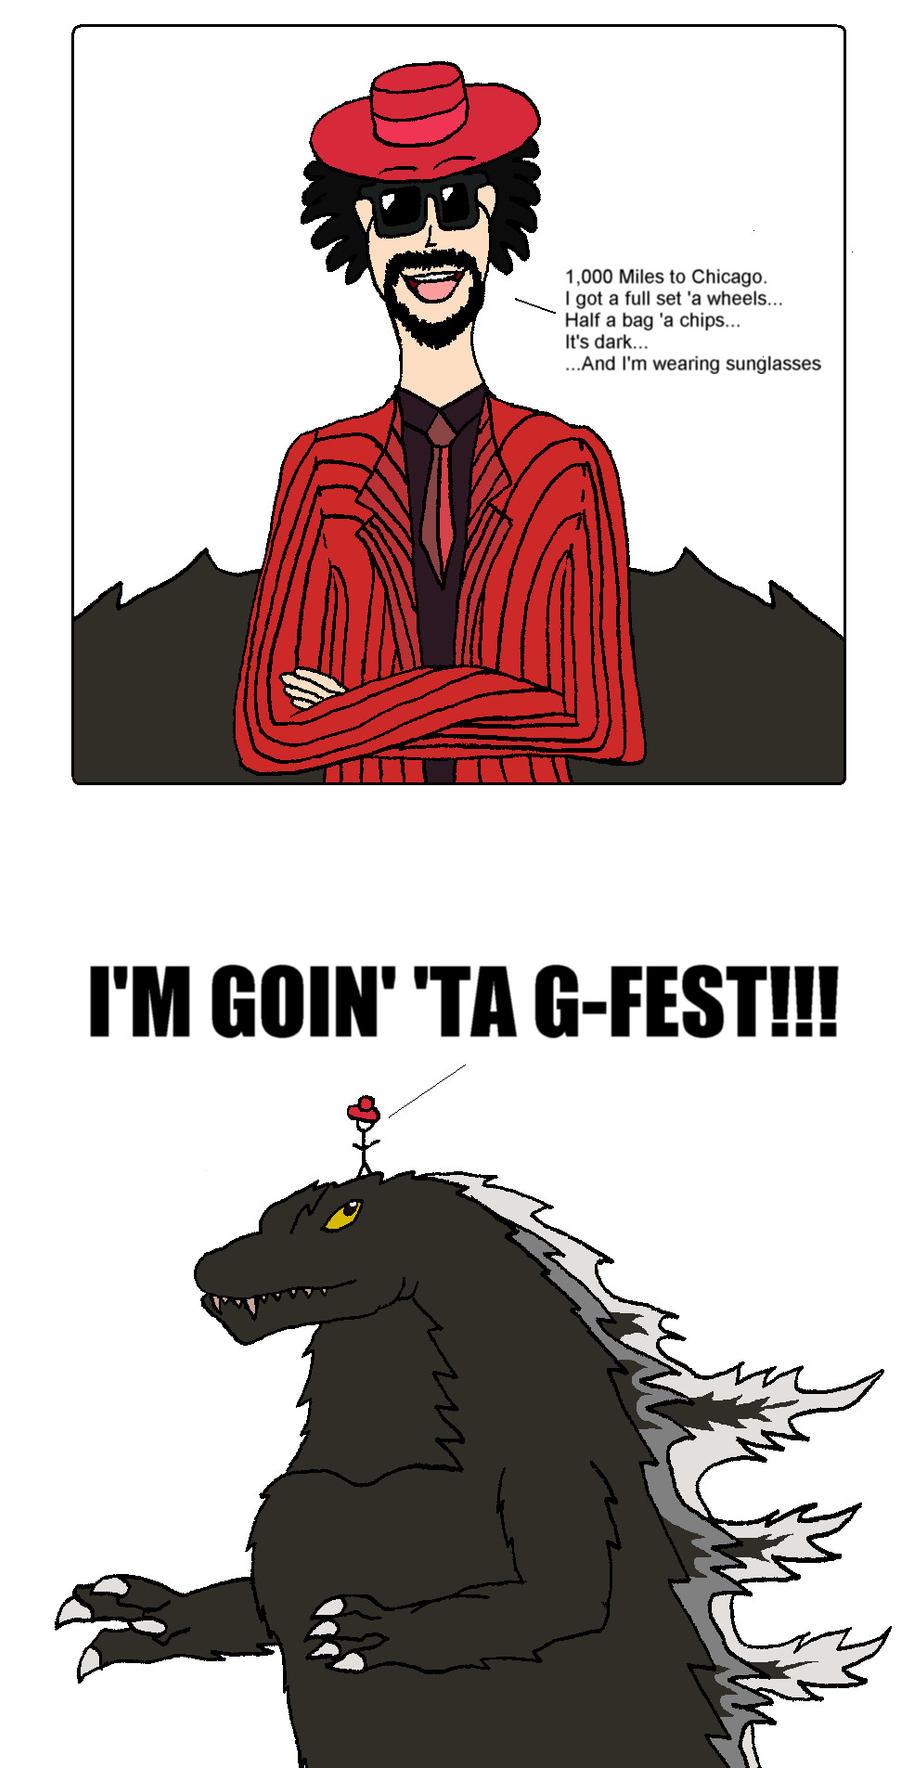 I'M GOIN' 'TA G-FEST by BigJohnnyCool